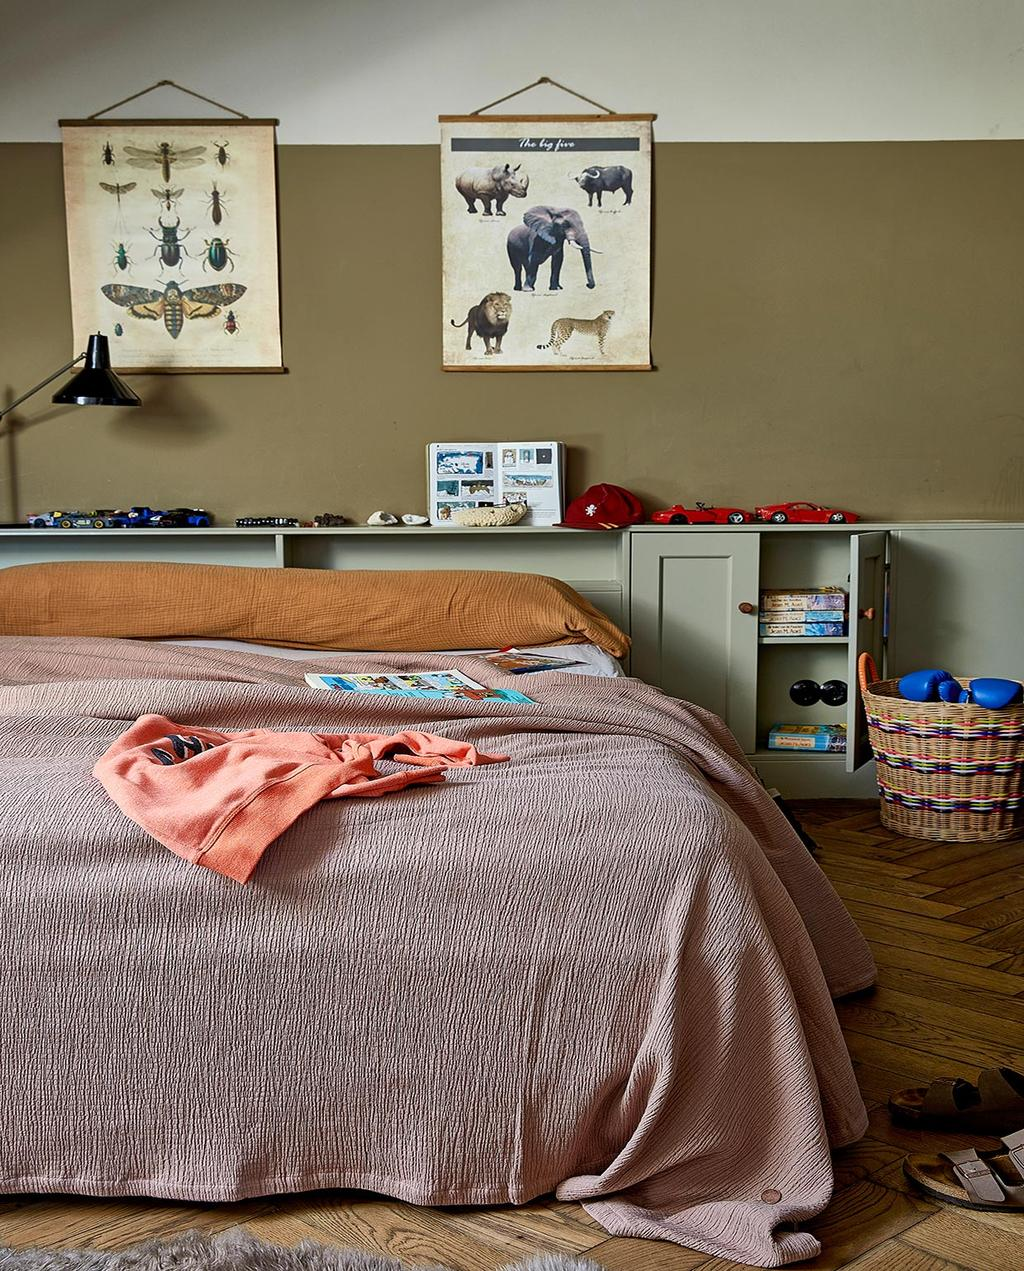 vtwonen 02-2021 | binnenkijken bij Martine slaapkamer met roze bed en dierenprint op de muur